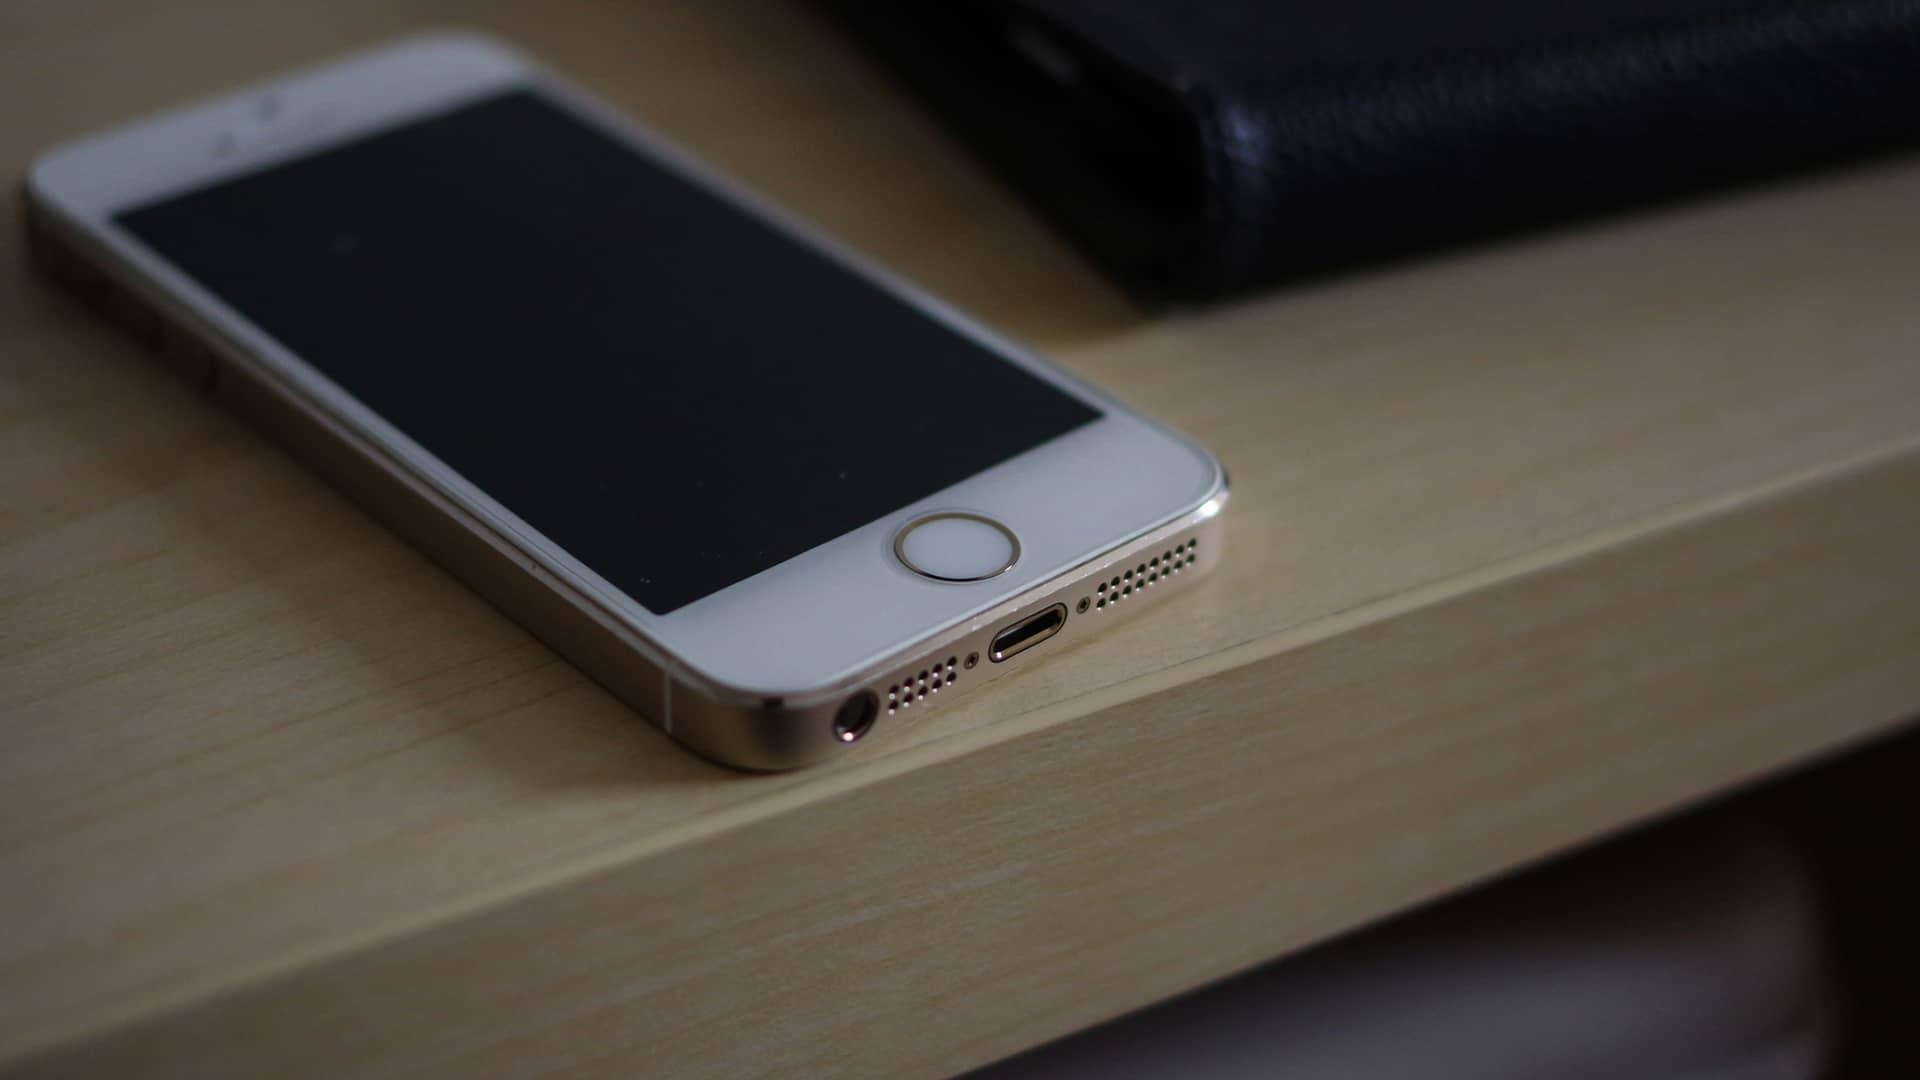 ▷Oferta iPhone 5 en Vodafone   ¿Está disponible?